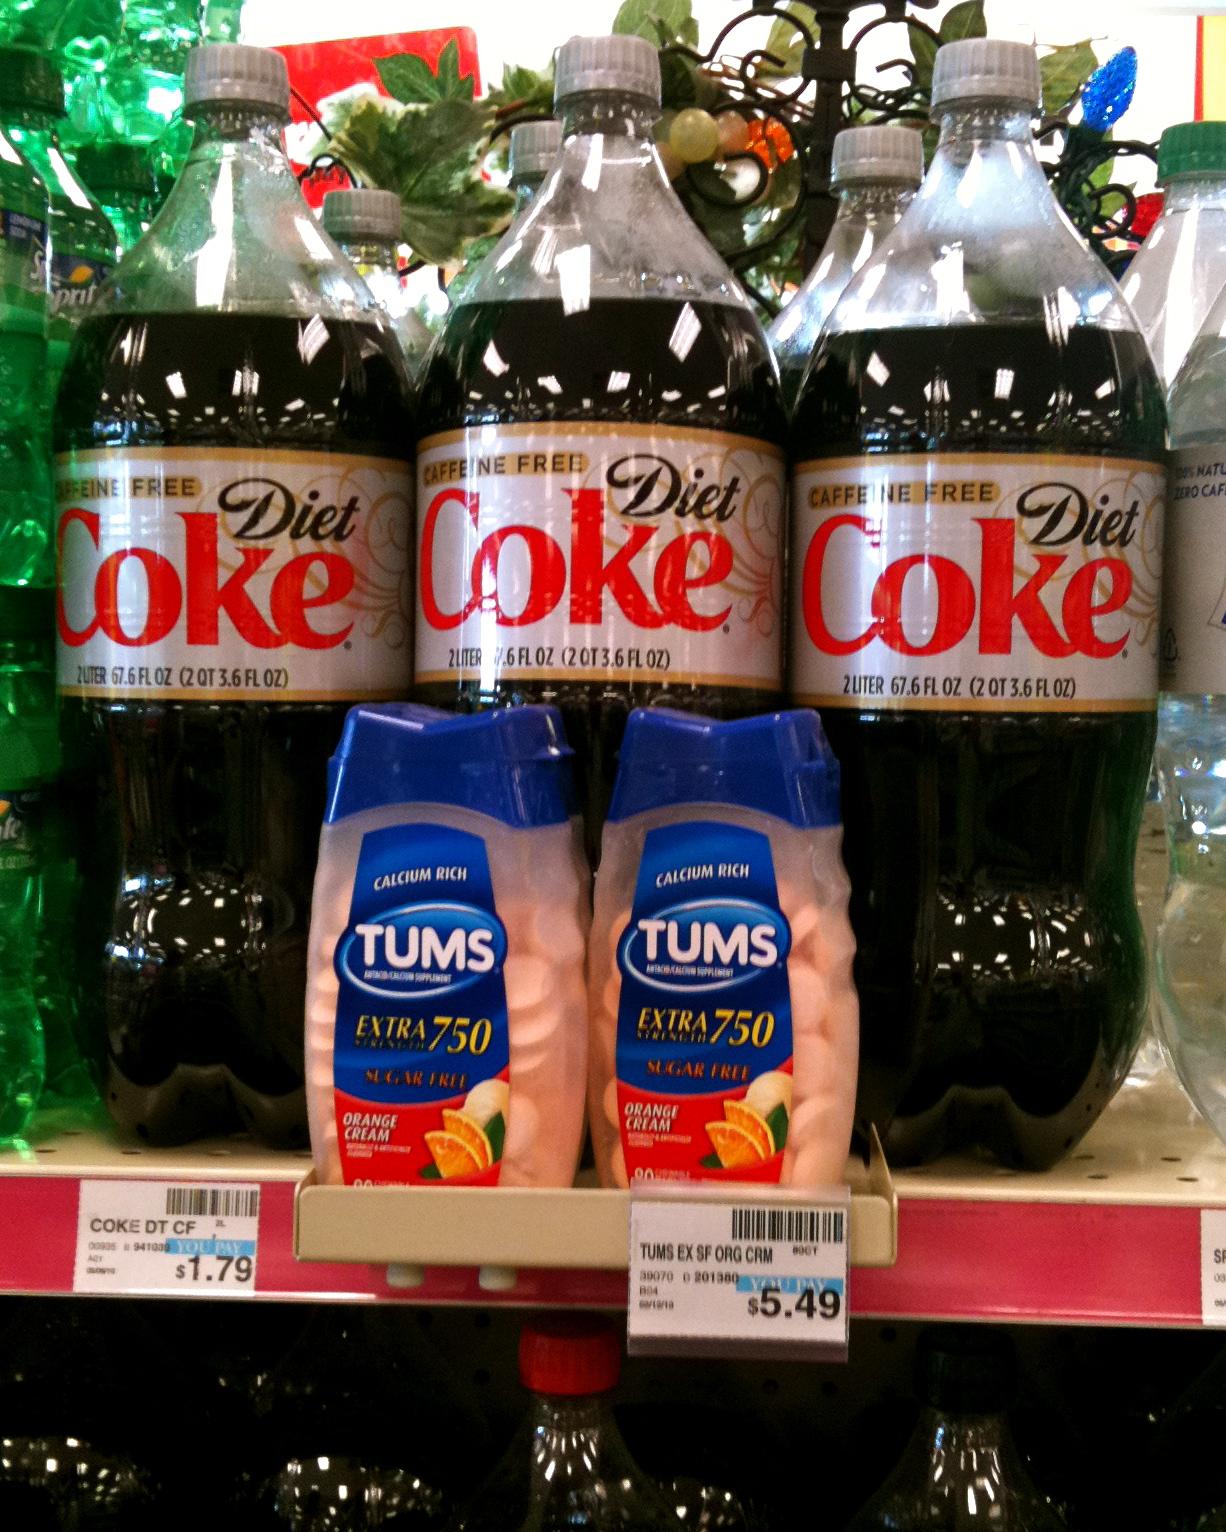 Coke tumbs